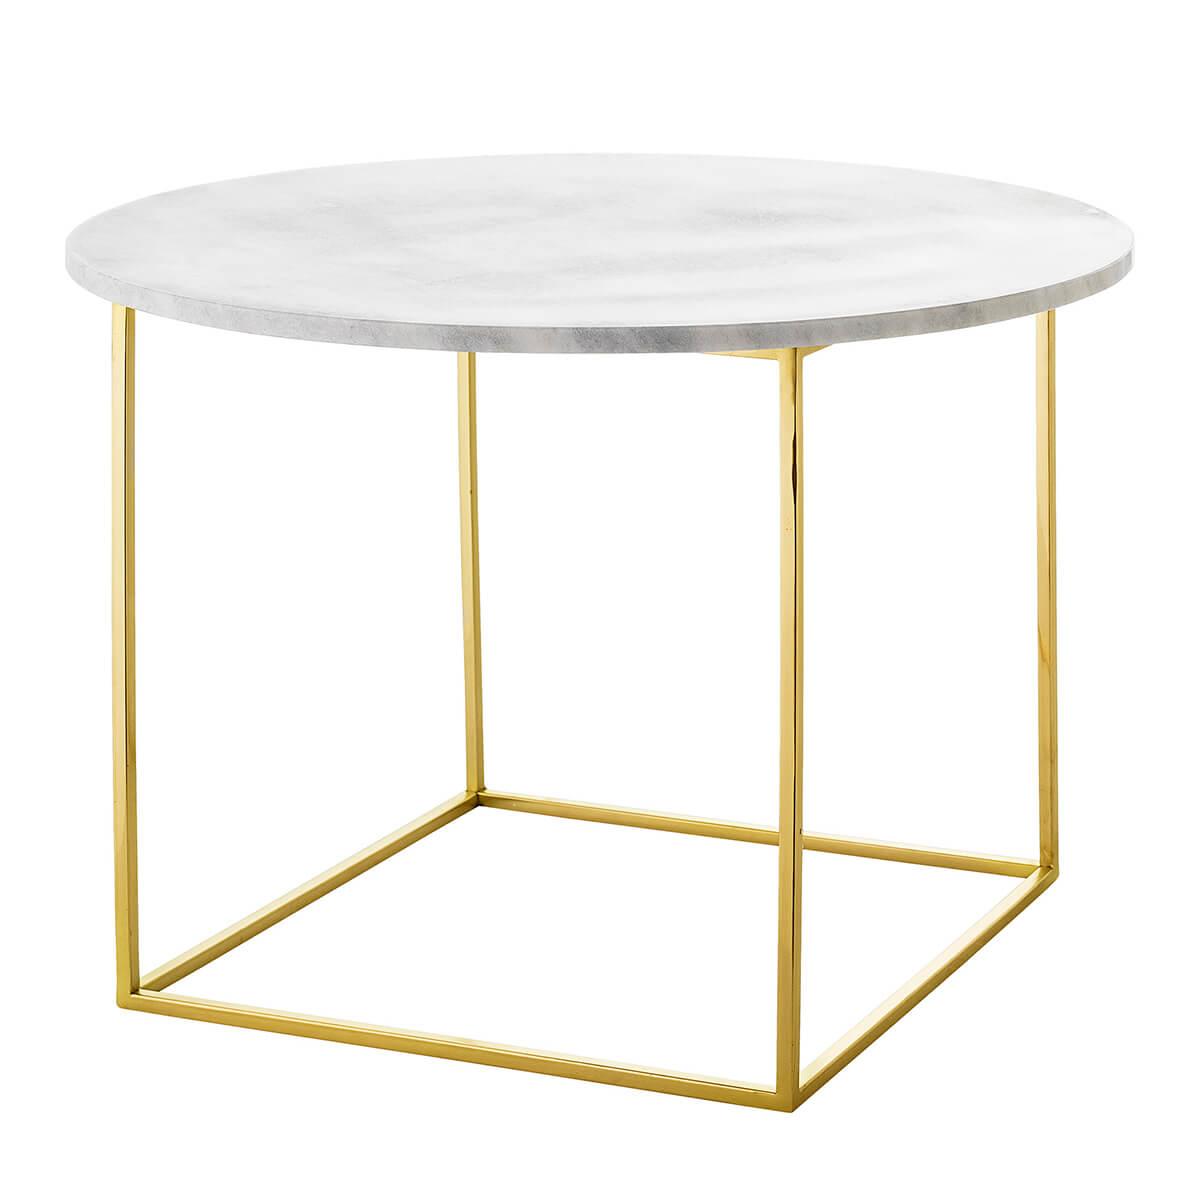 Dohányzóasztal márvány asztallappal arany színű lábakkal, luxus és elegancia skandináv stílusban